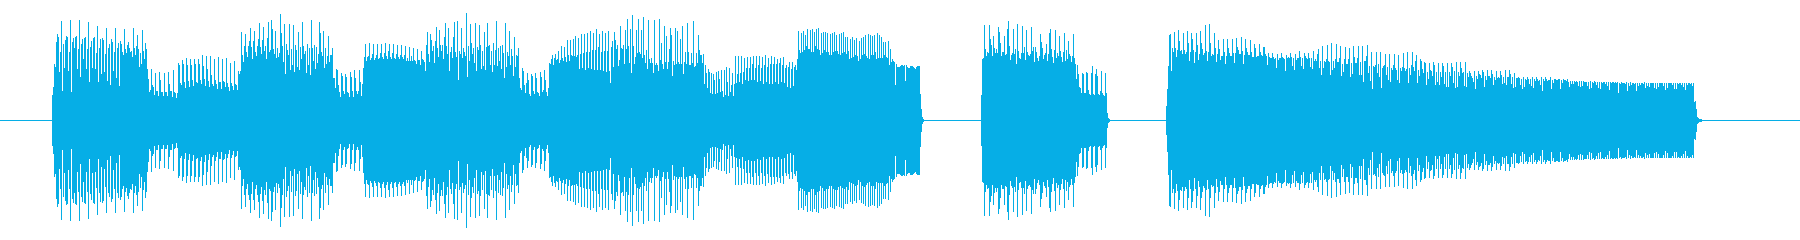 NES 和風 A06-2(クリア2)の再生済みの波形